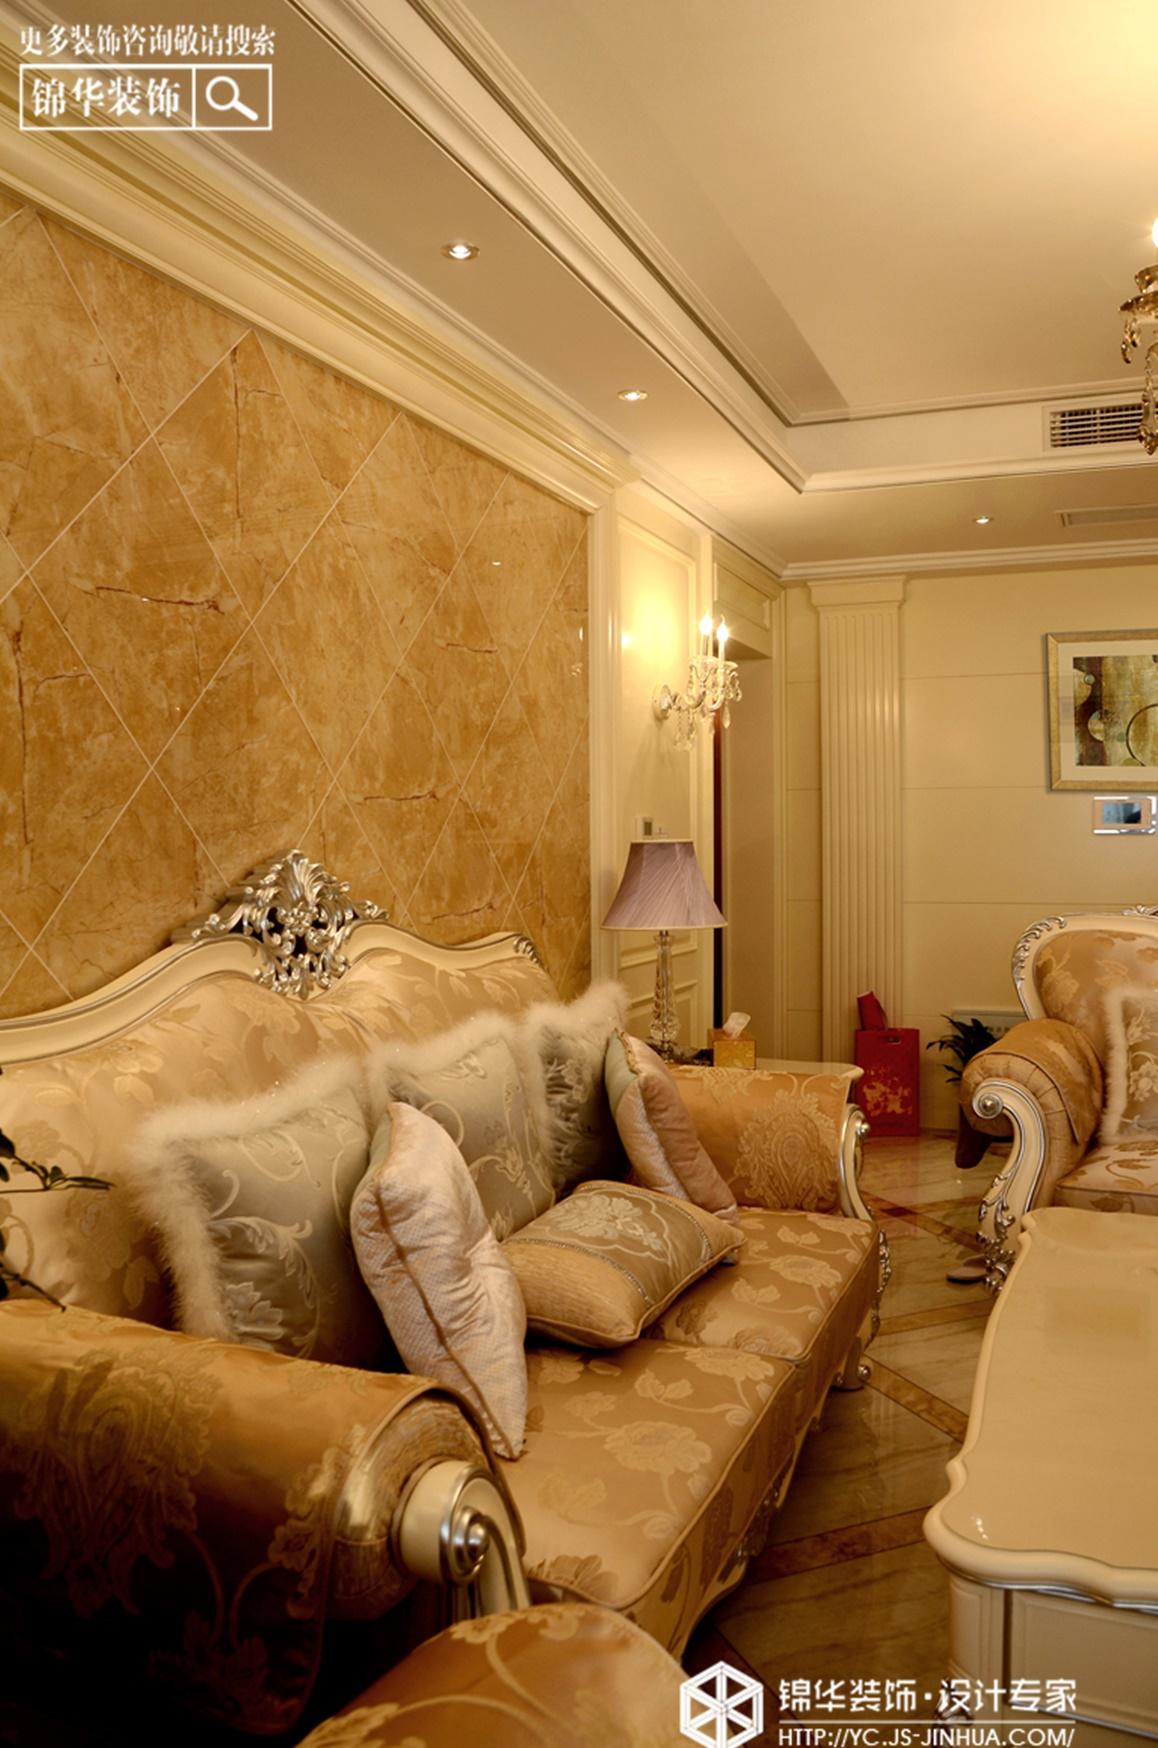 宝龙城市广场---辉煌人生装修-三室两厅-简欧